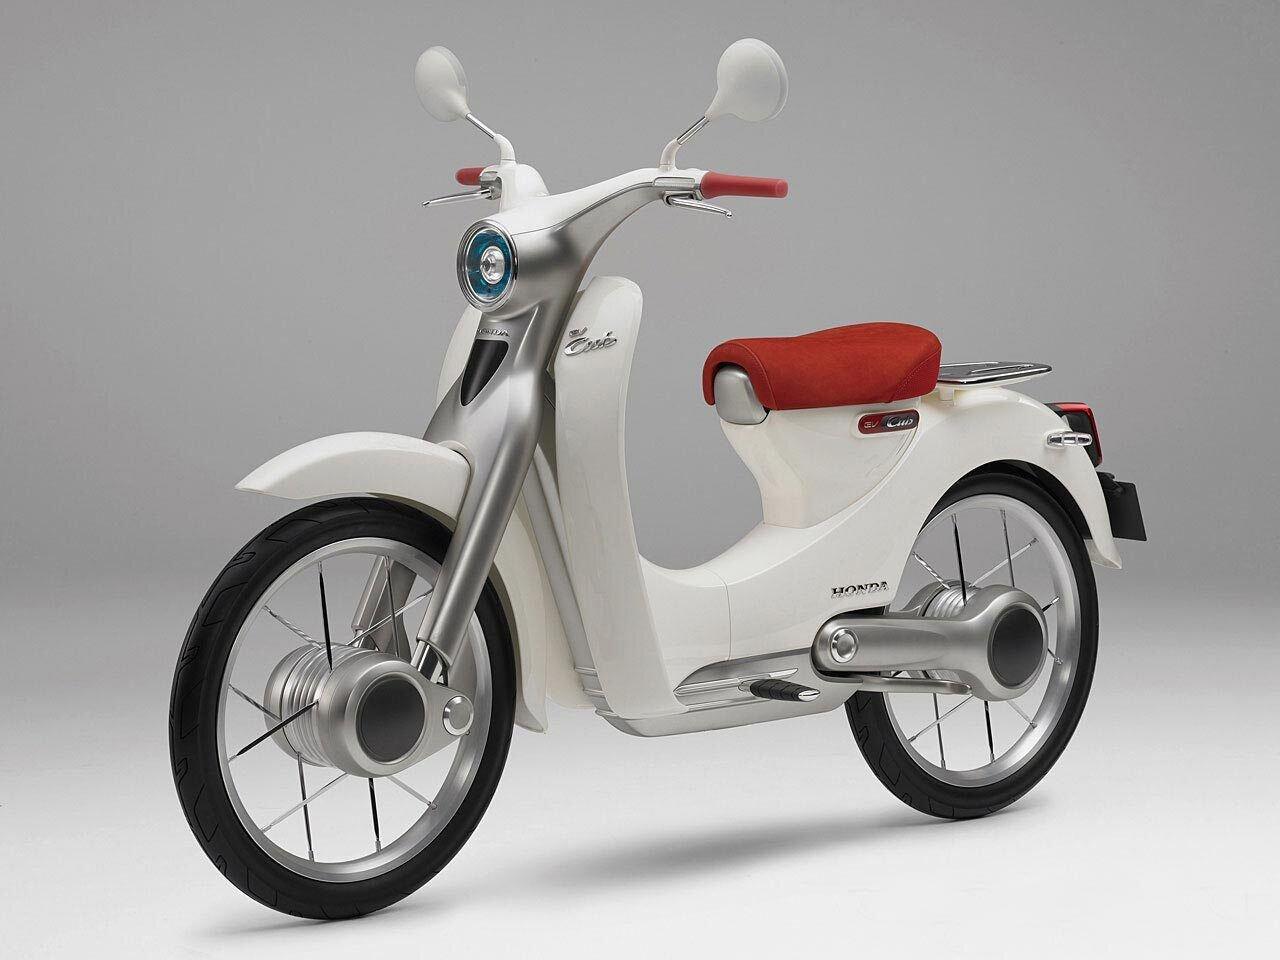 EV-CUB xe máy điện có vận hành êm, tải trọng lớn